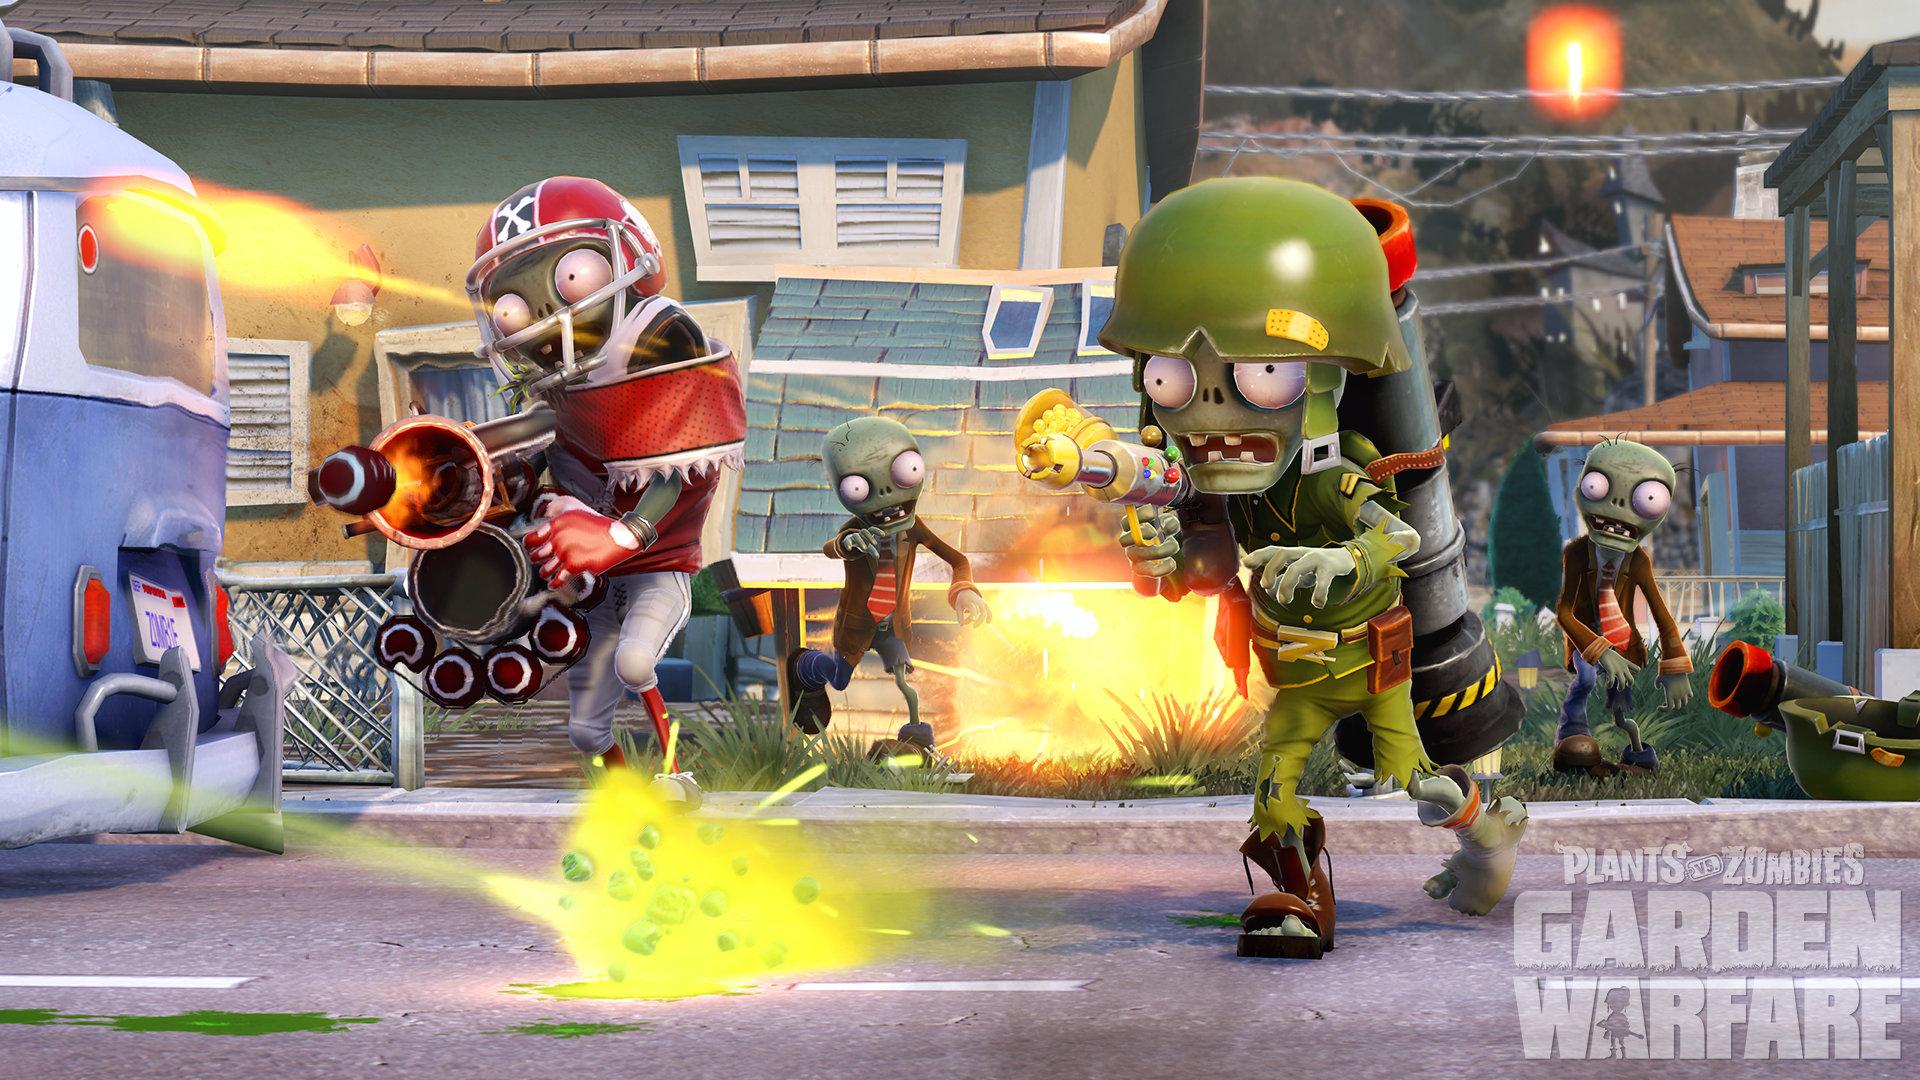 plants-vs-zombies-garden-warfare-screens